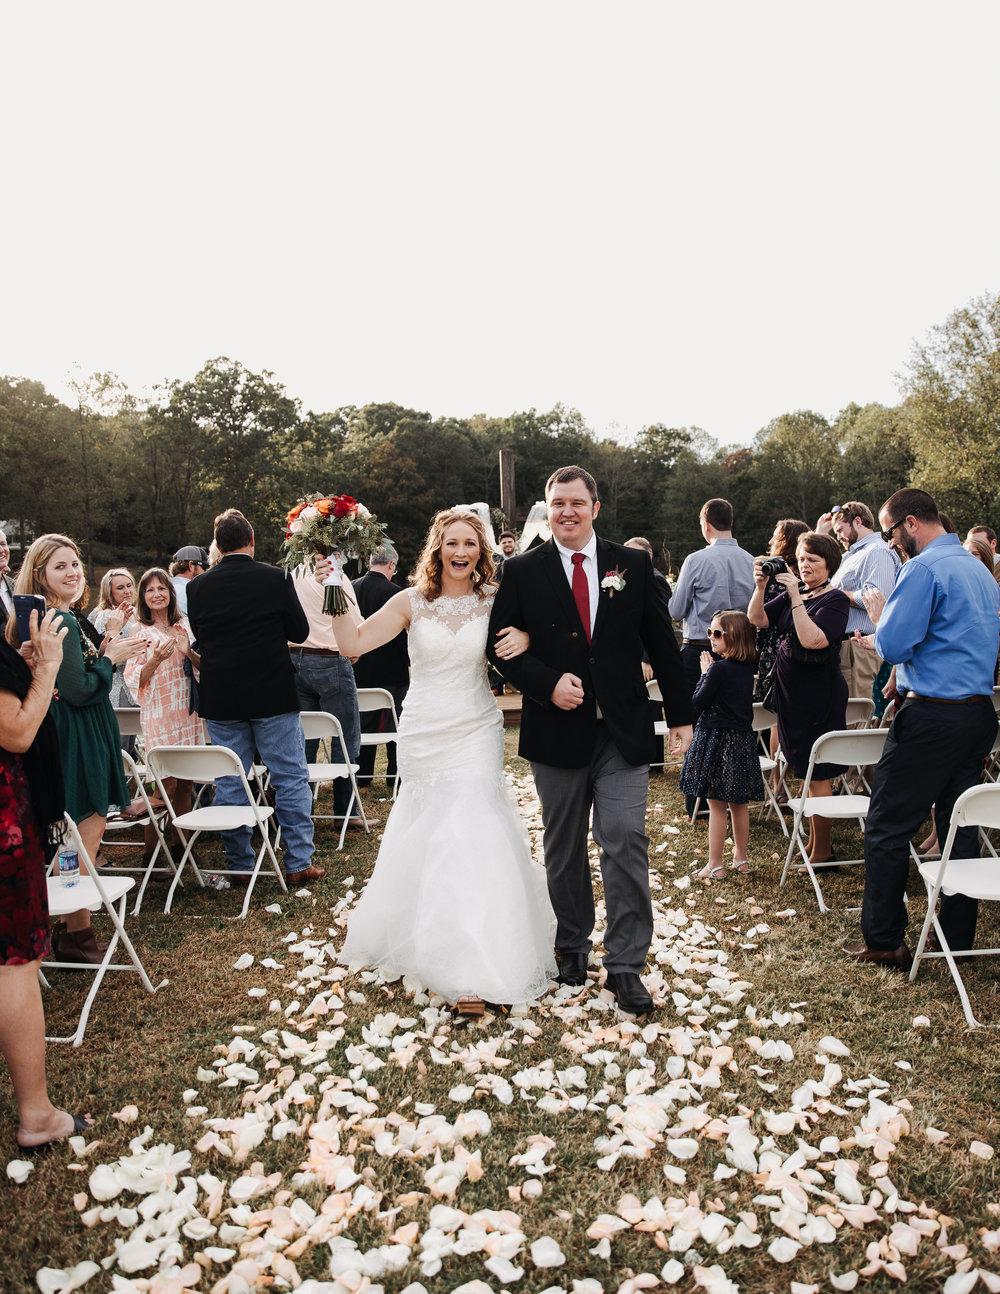 Rachel +Adam - MARRIED